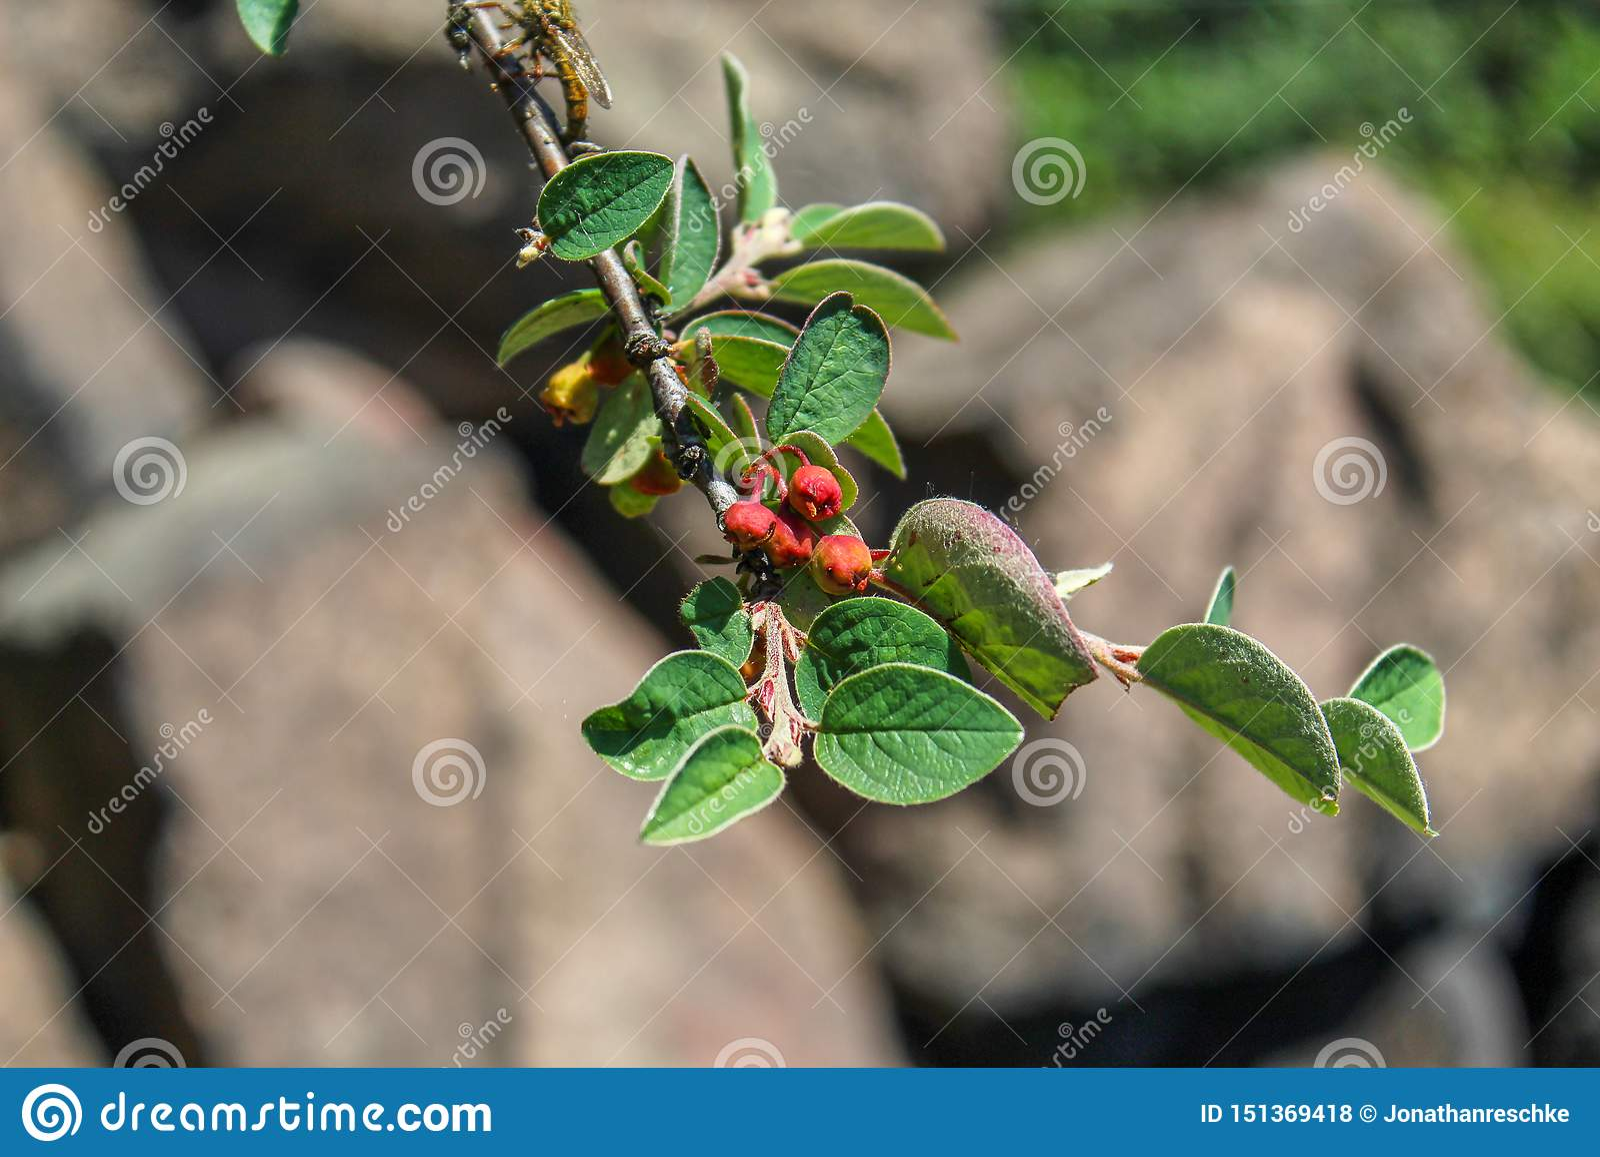 """Ο κλάδος με το λουλούδι βλαστάνει το integerrimus Cotoneaster, """"κοινό cotoneaster """", """"Gewöhnliche Zwergmispel """", """"Cotonéaster com"""